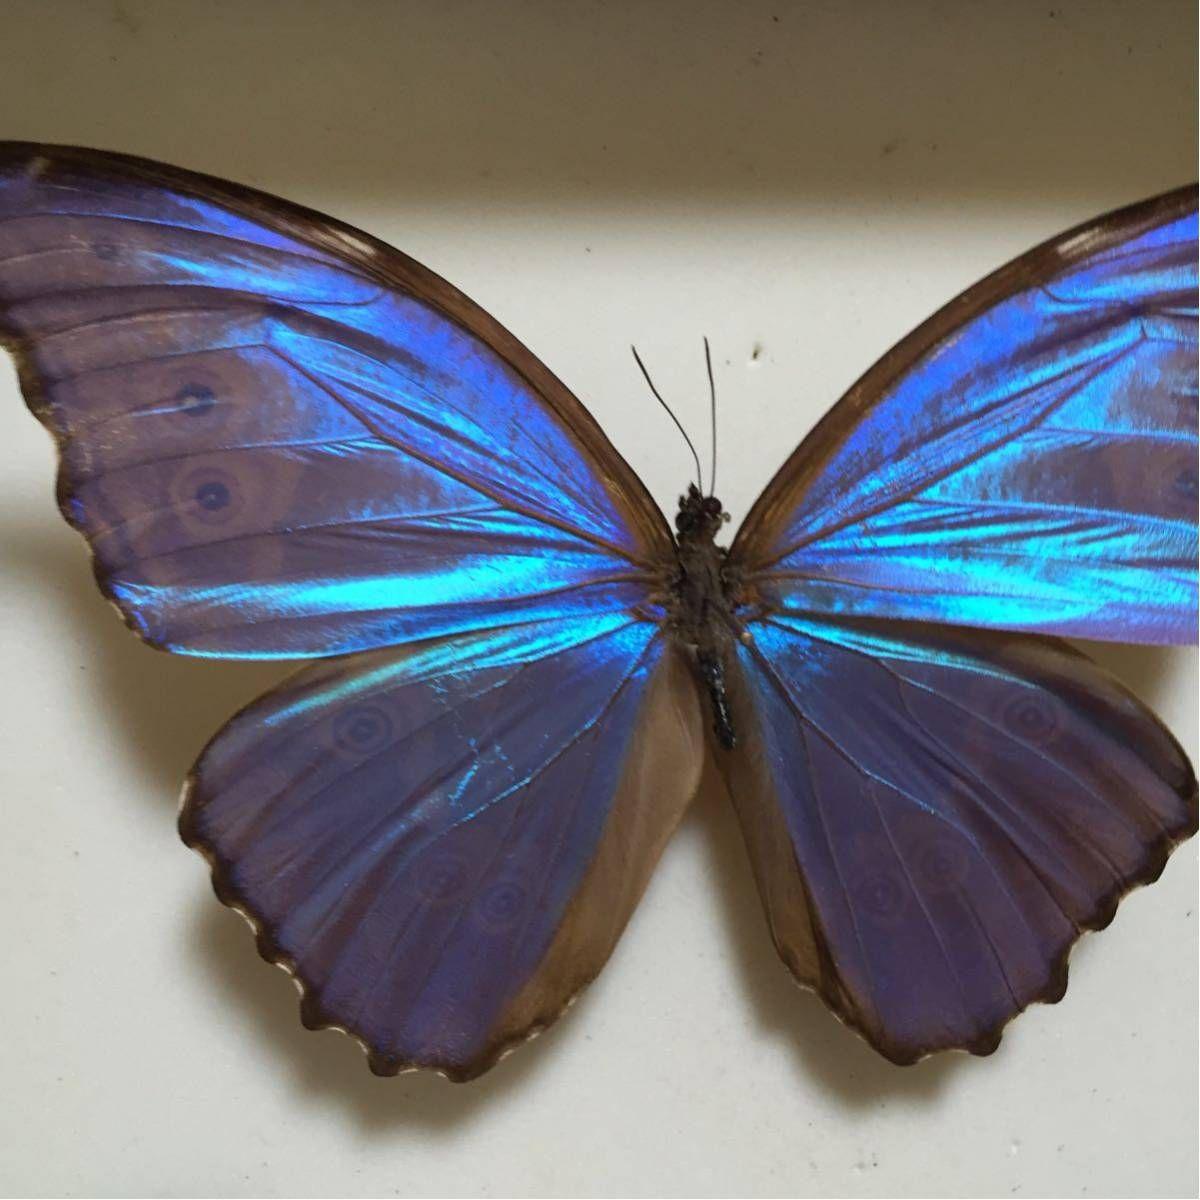 すべてAランク珍しい蝶から定番まで様々な蝶が9ps入っております。ドイツ箱大 入りの新品商品100年の歴史が ...